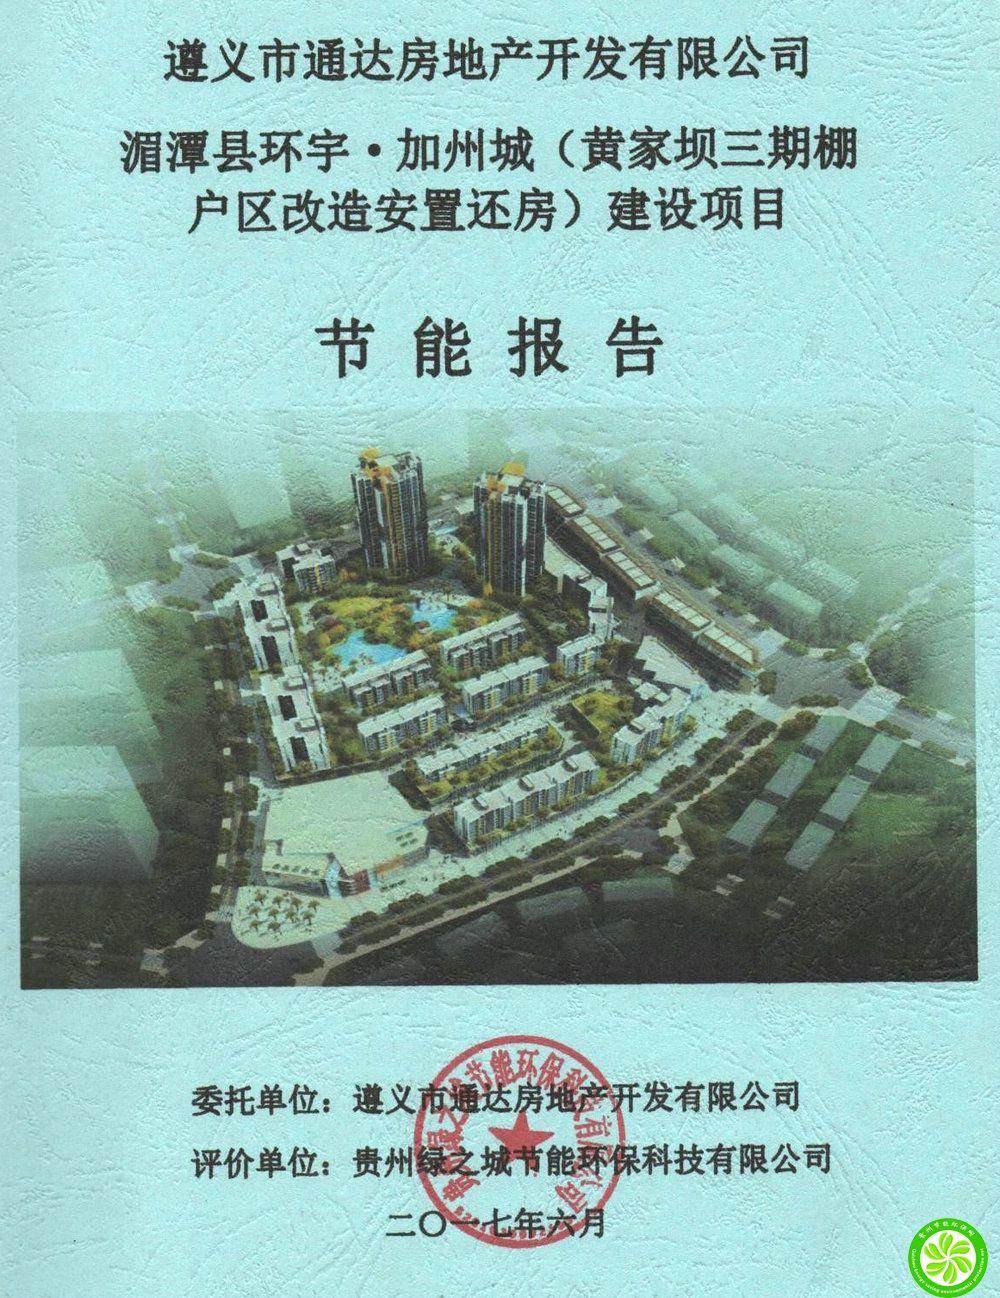 湄潭县环宇·加州城(黄家坝三期棚户区改造安置还房)建设项目